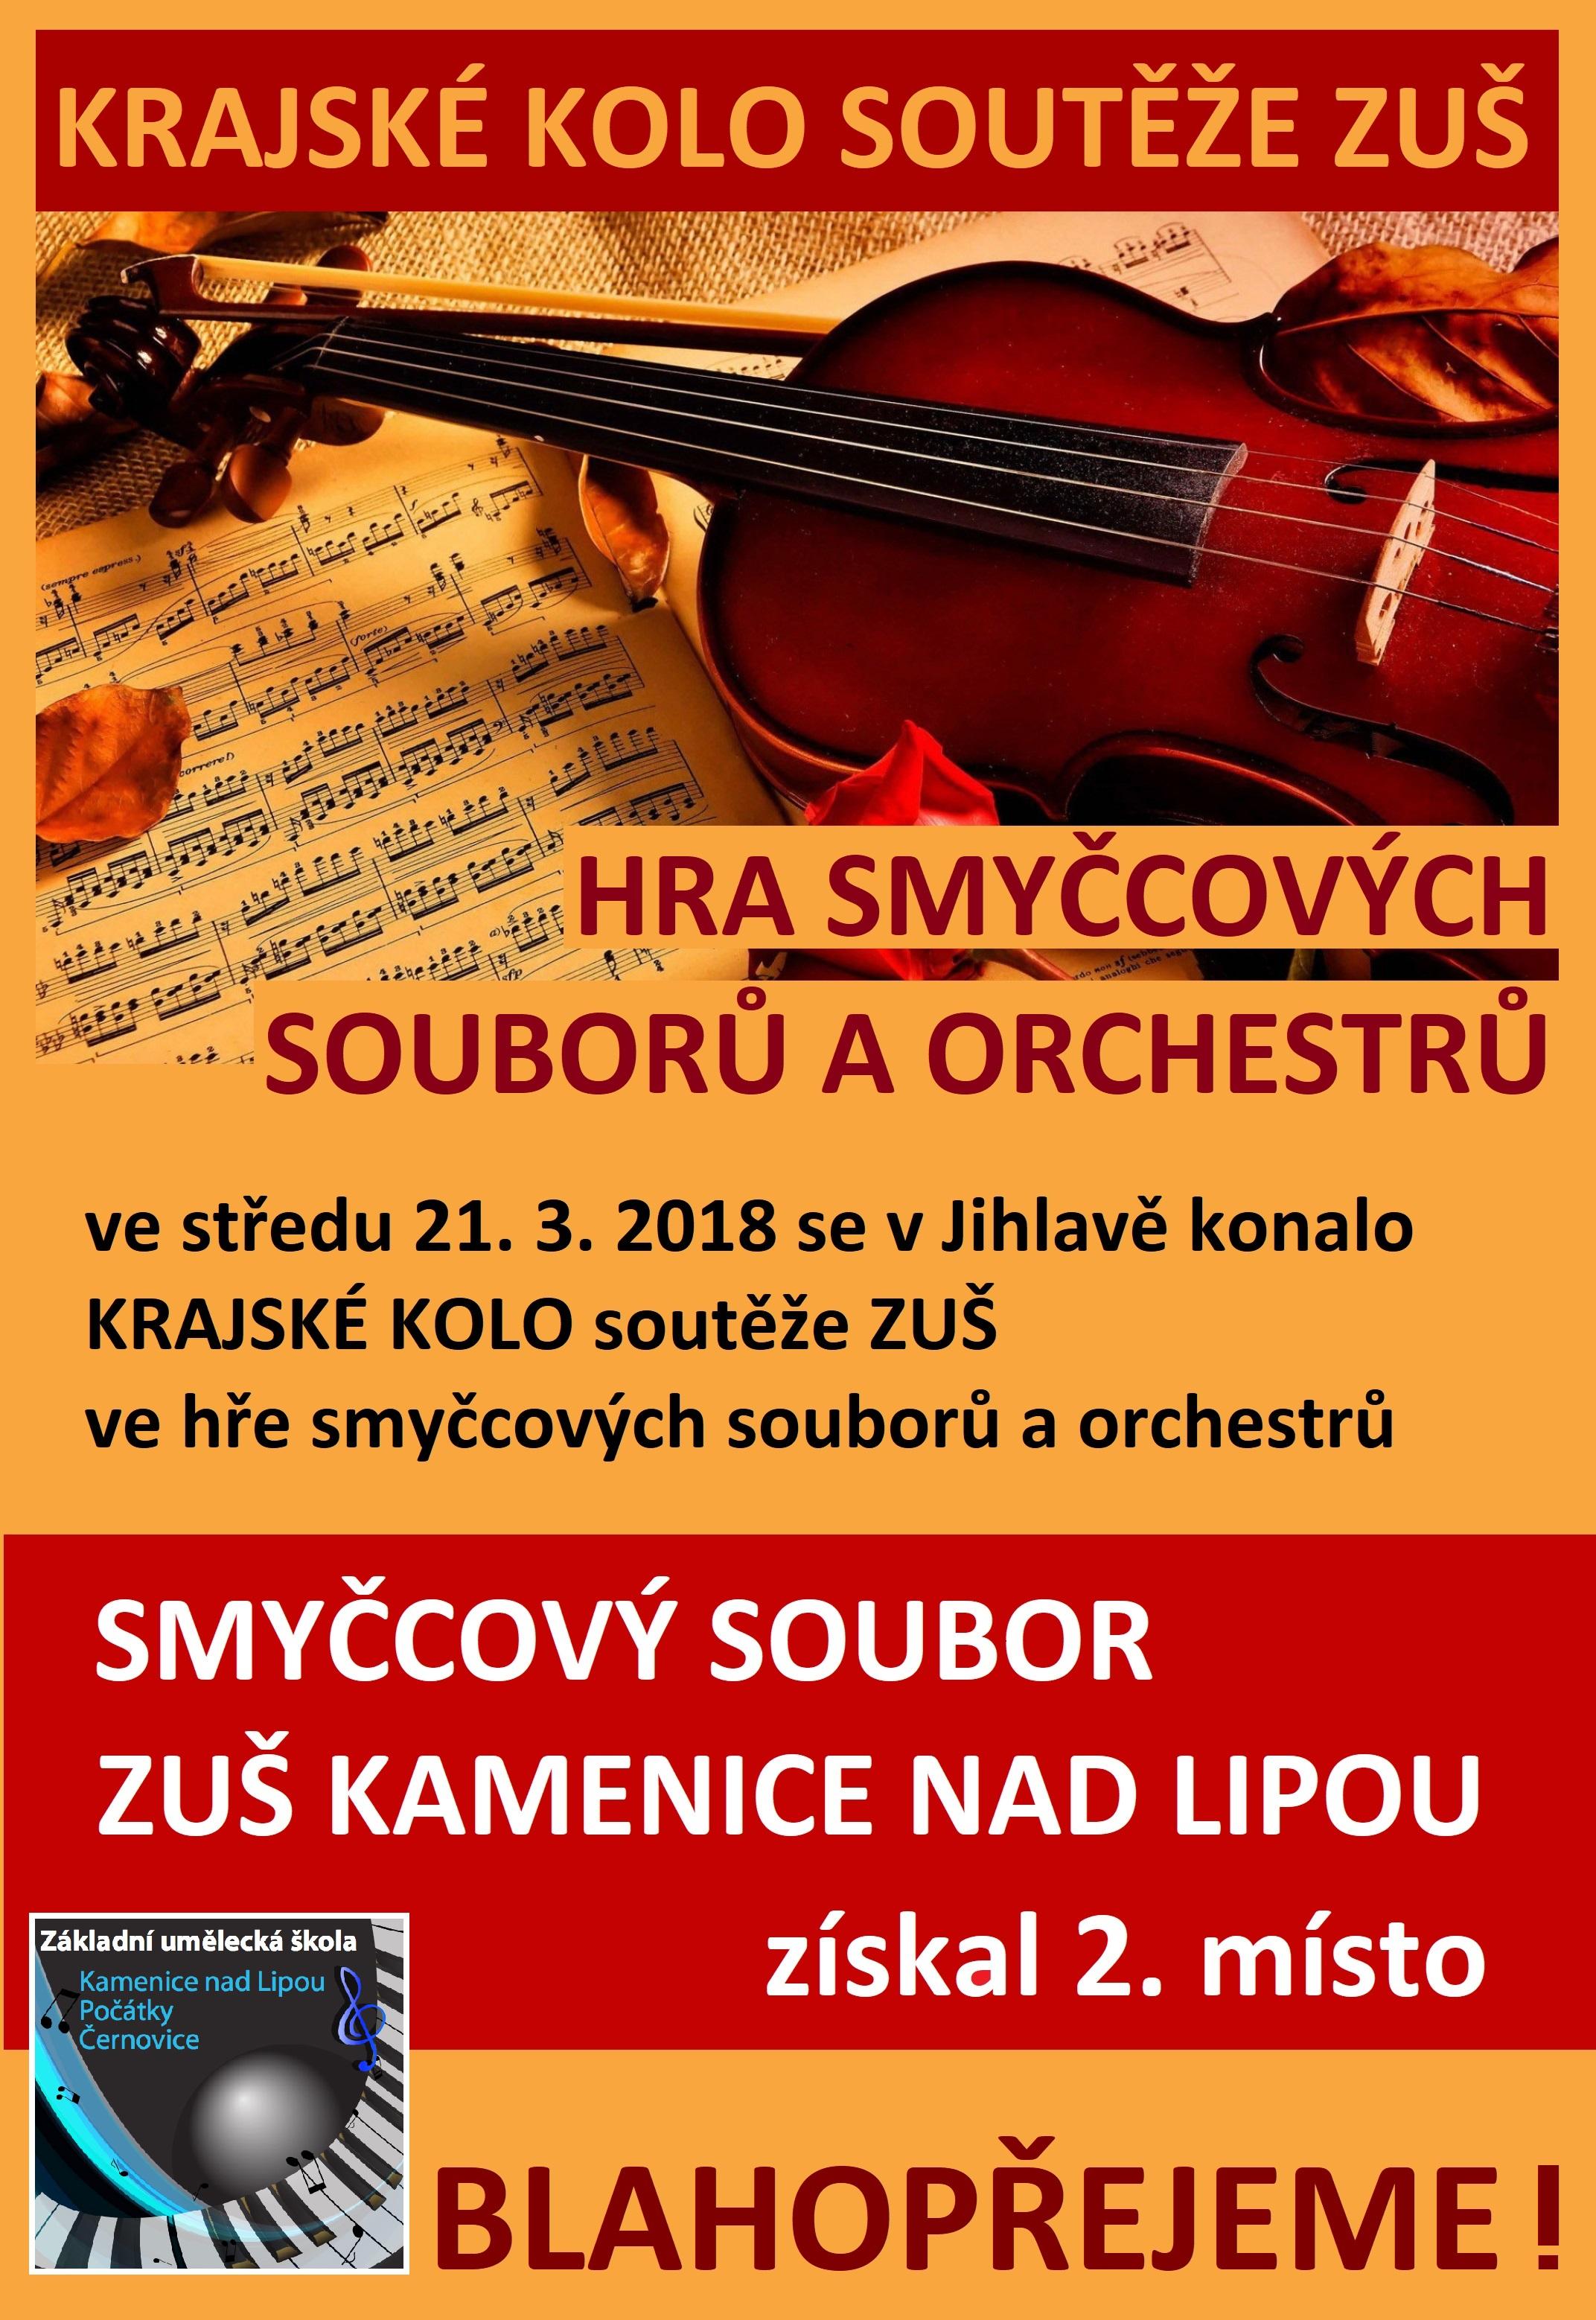 21. 3. 2018 - KRAJSKÉ KOLO - SMYČCOVÉ SOUBORY A ORCHESTRY